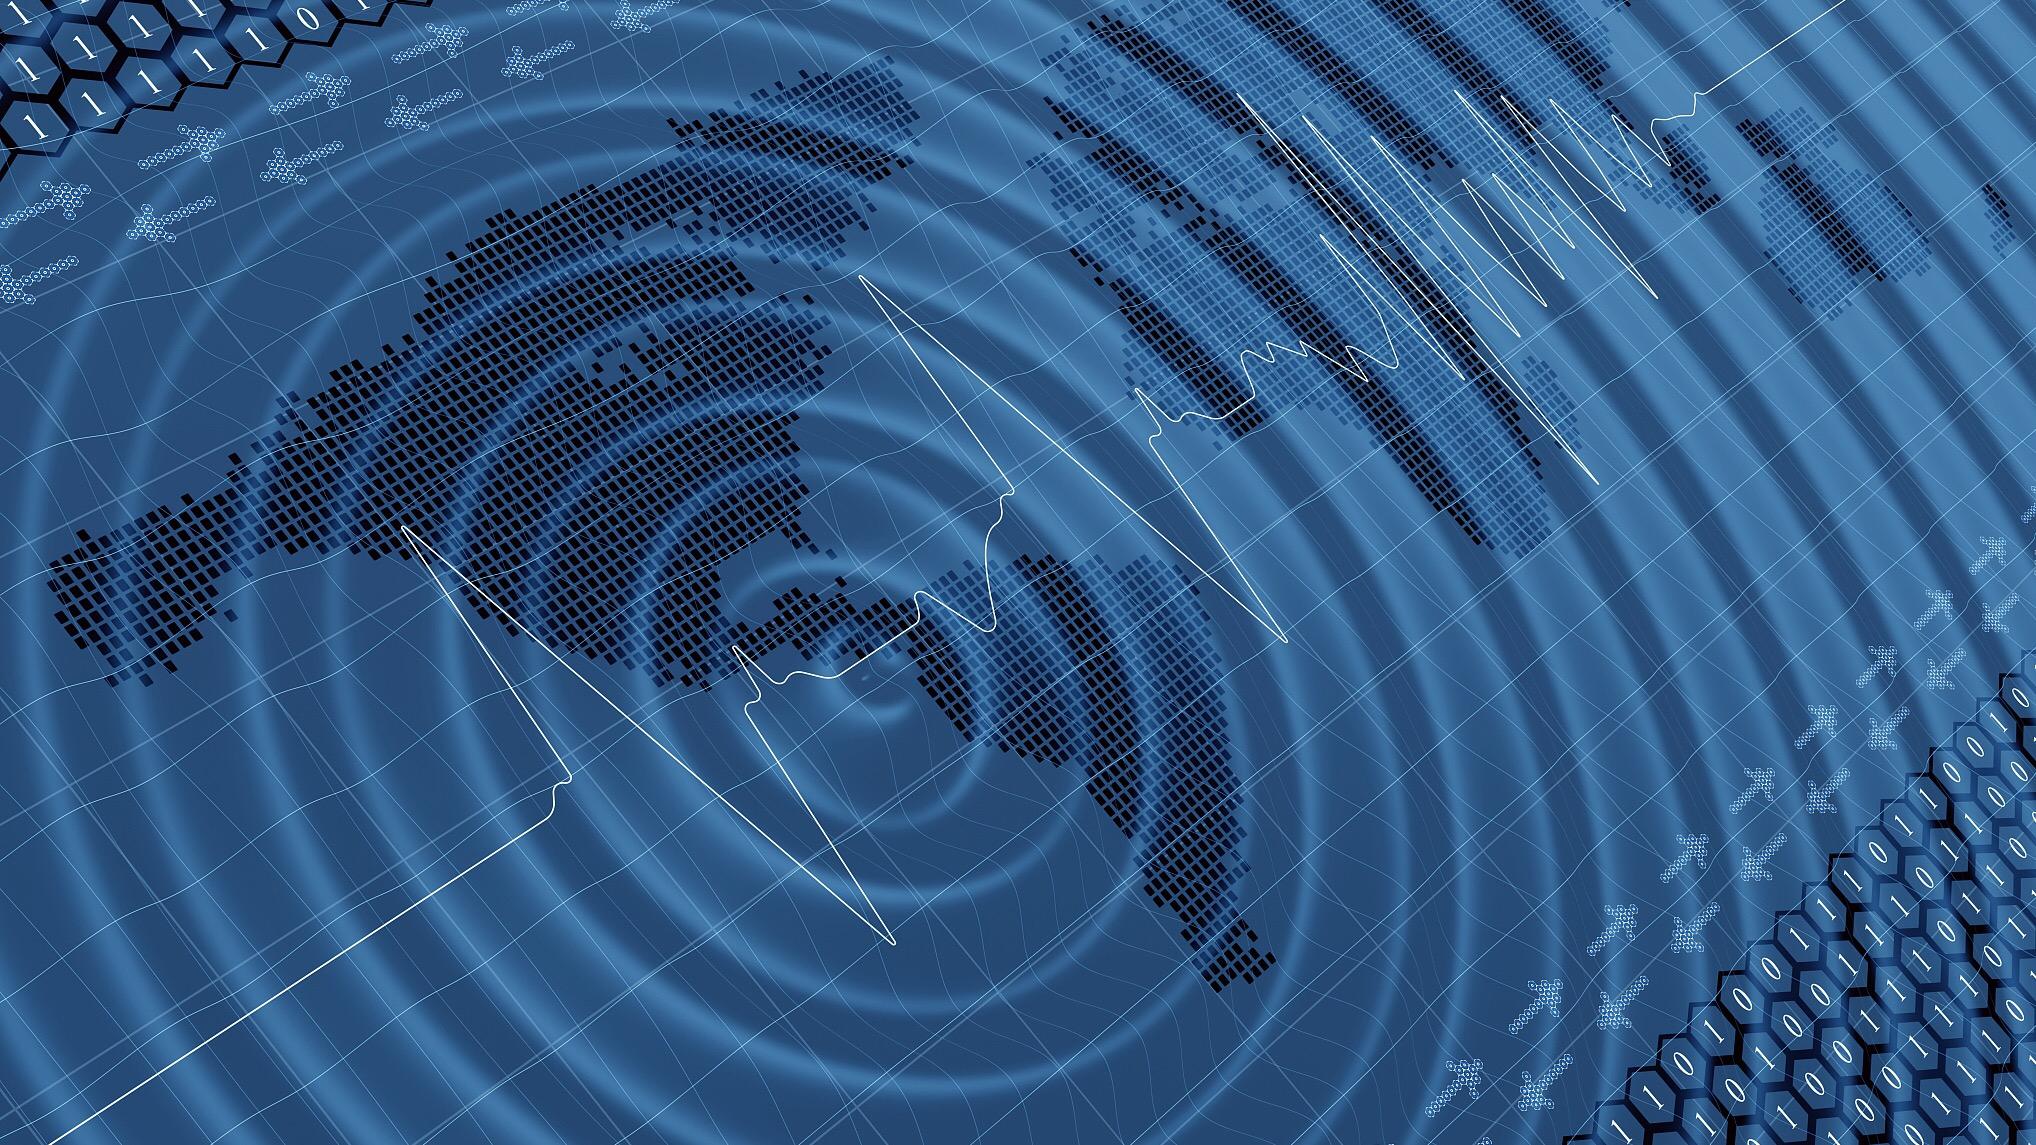 5.1-magnitude quake hits 107 km SE of Arica, Chile -- USGS